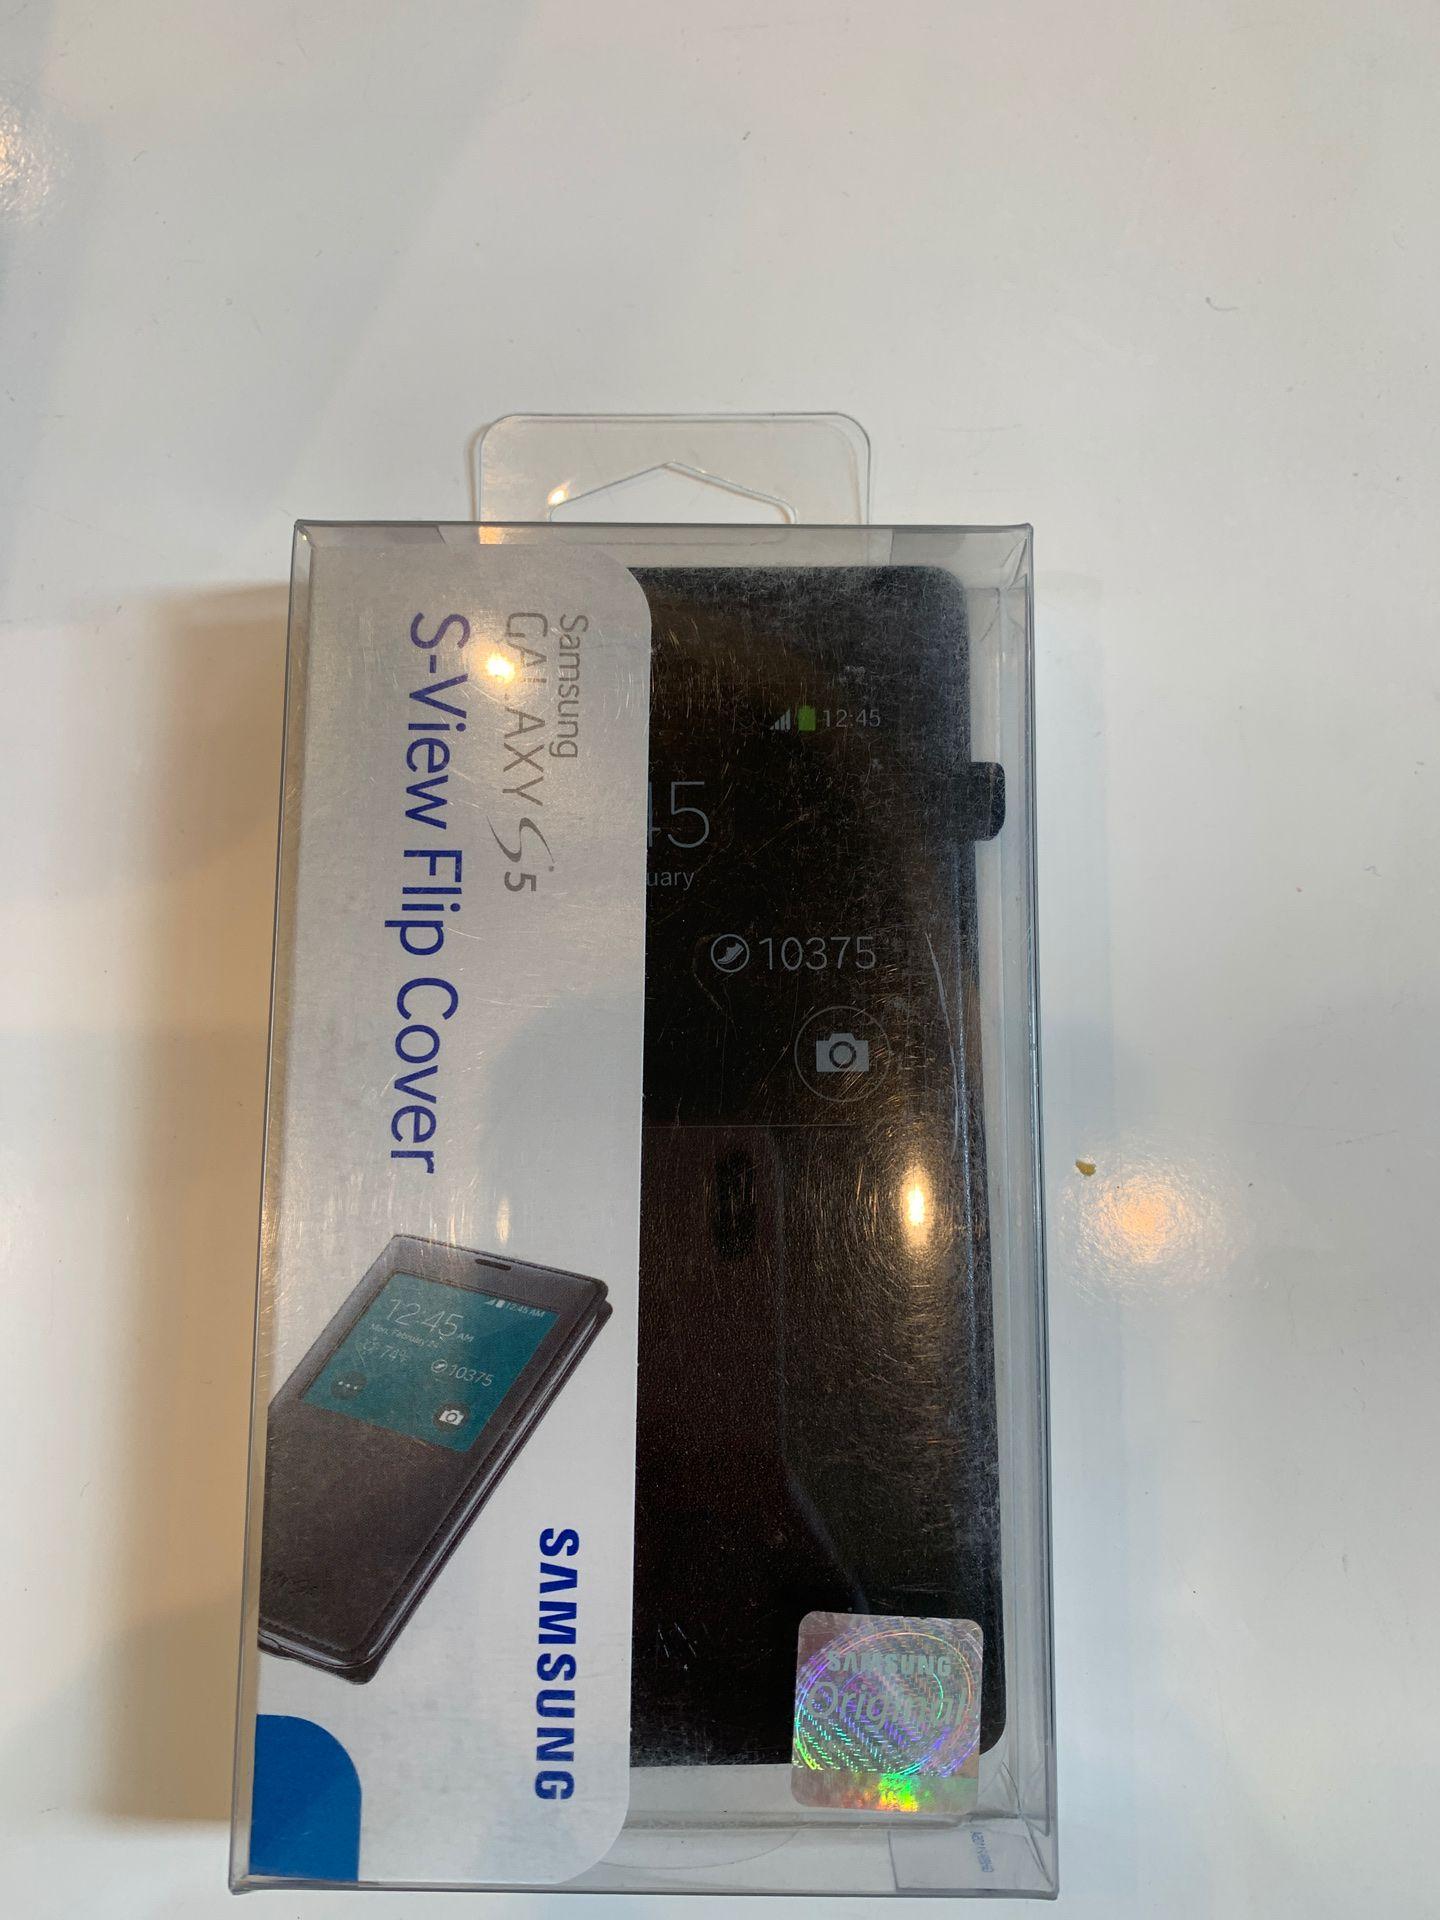 Samsung S5 case